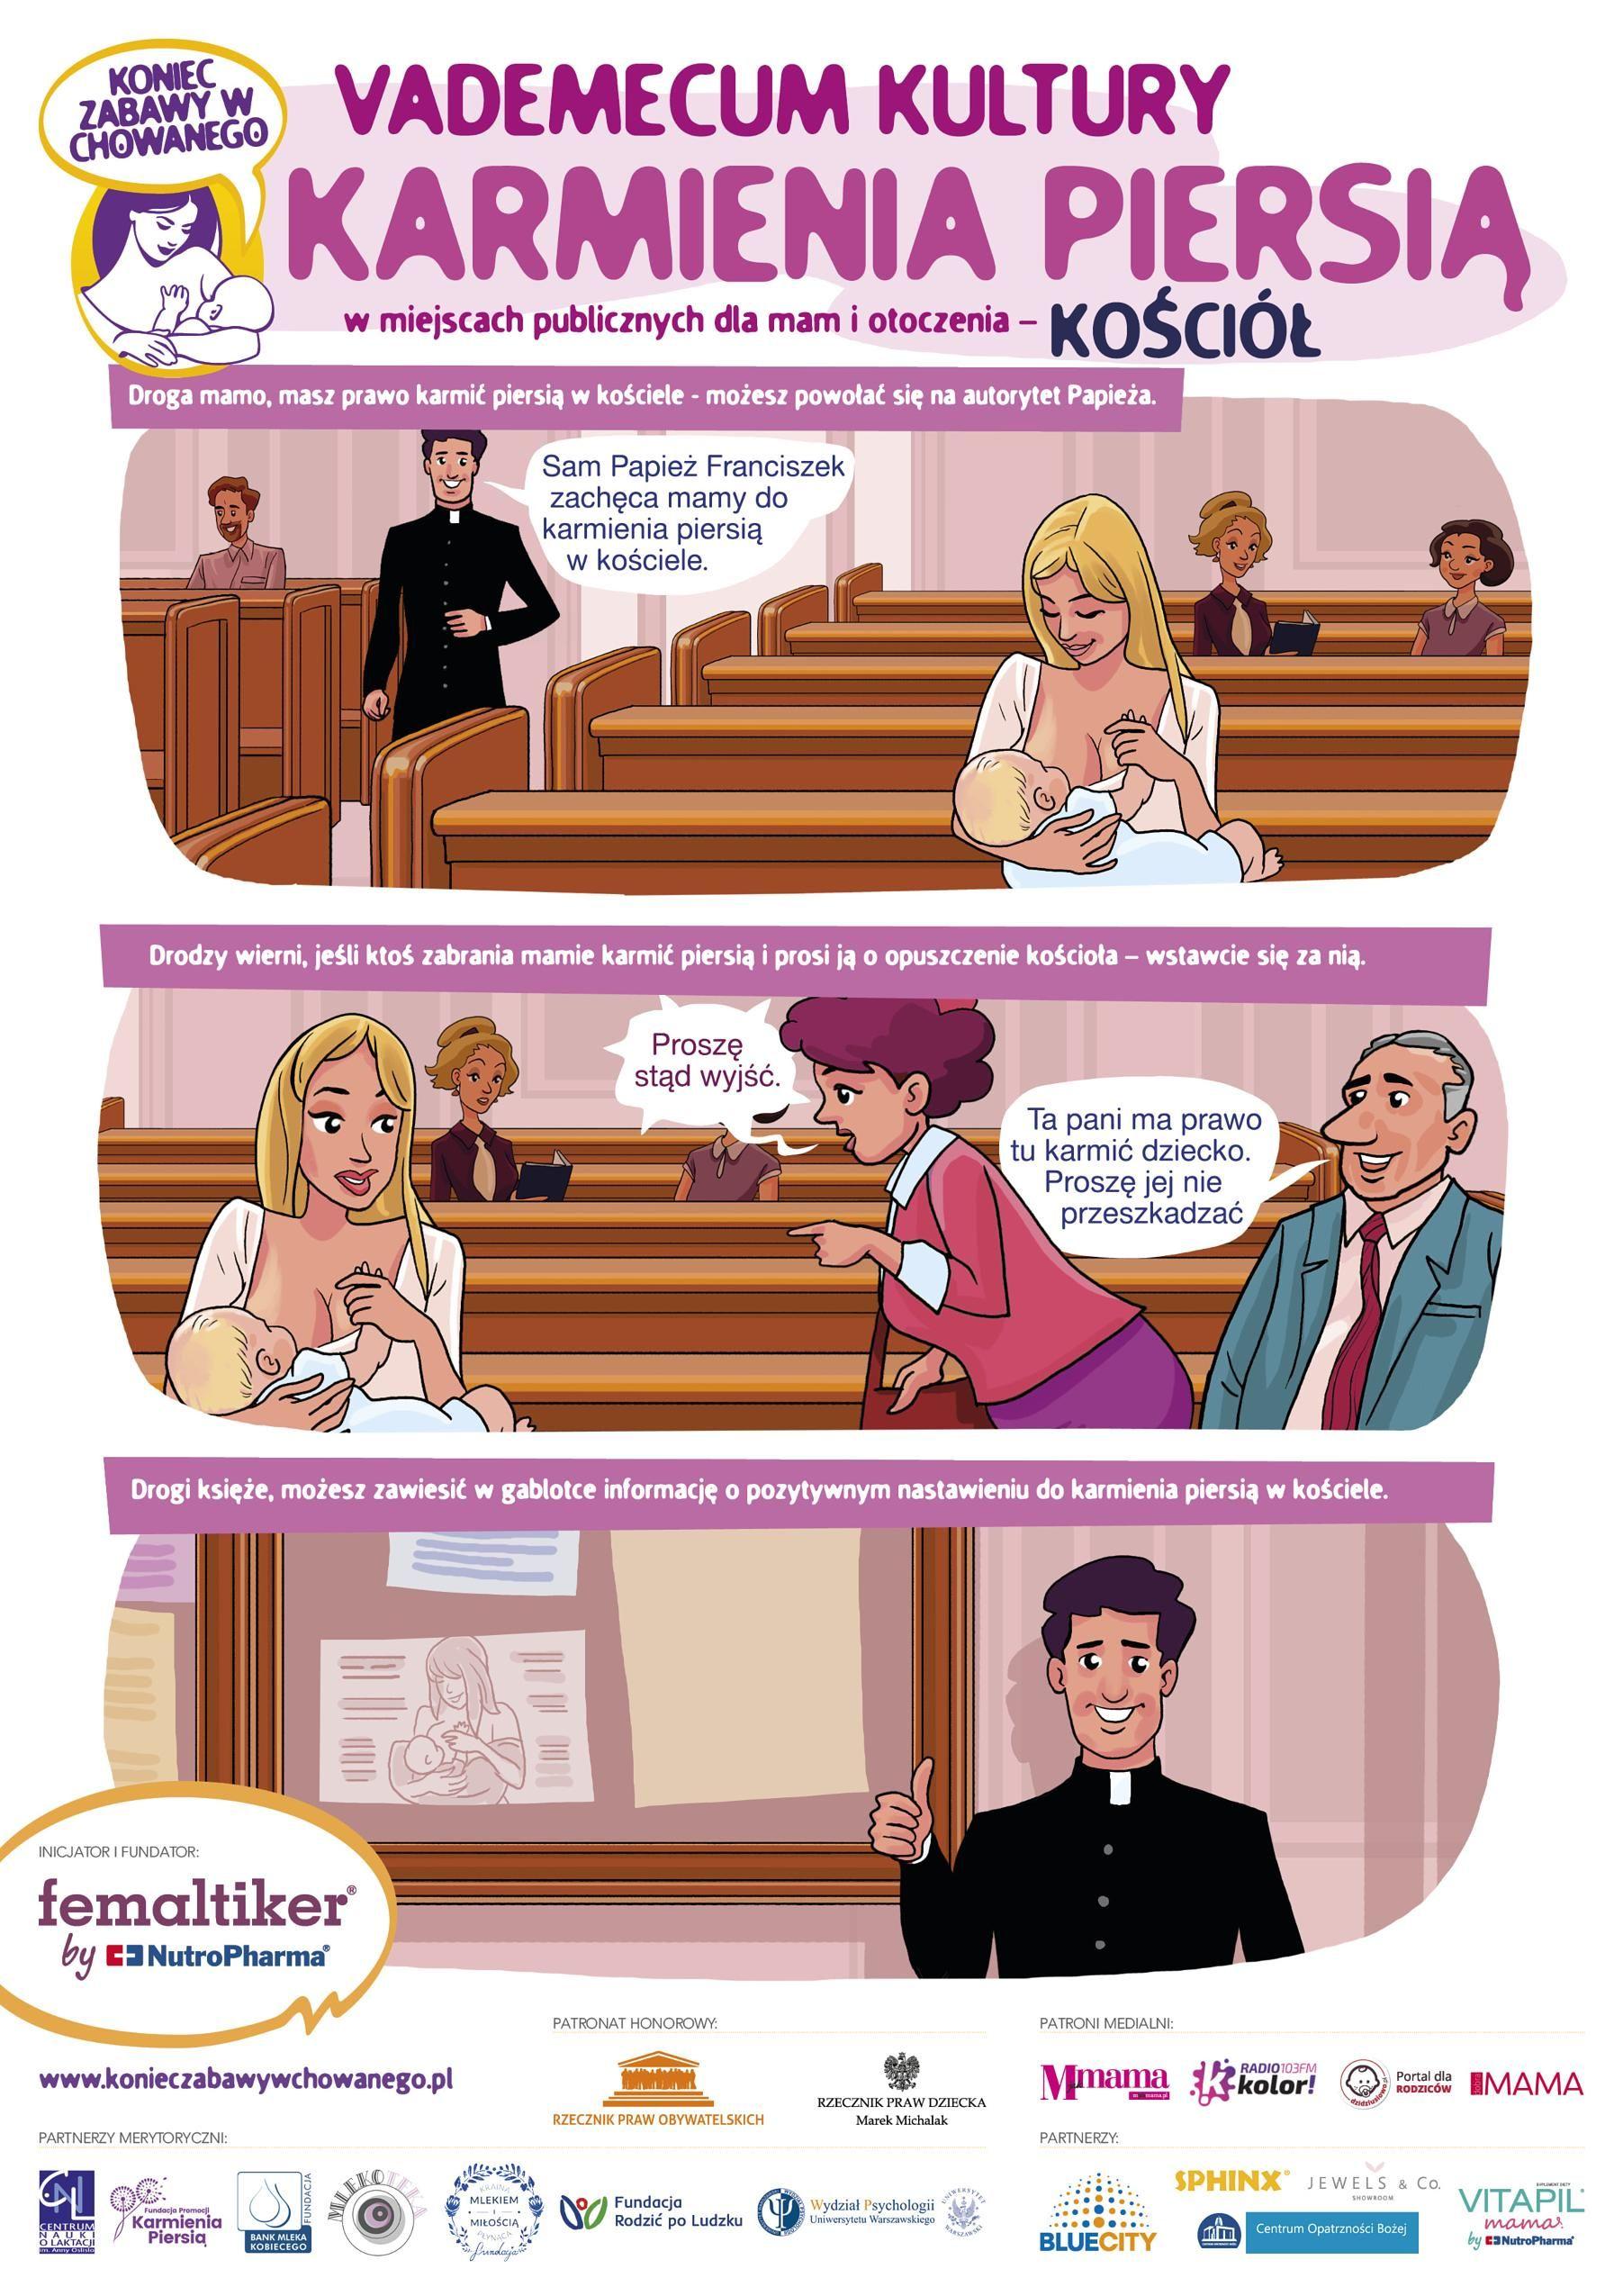 Infografika promująca karmienie piersią w miejscach publicznych. Na ilustracji: kobieta karmiąca dziecko w kościele jest atakowana przez inna uczestniczkę mszy. Jej prawa do karmienia piersią broni mężczyzna siedzący obok